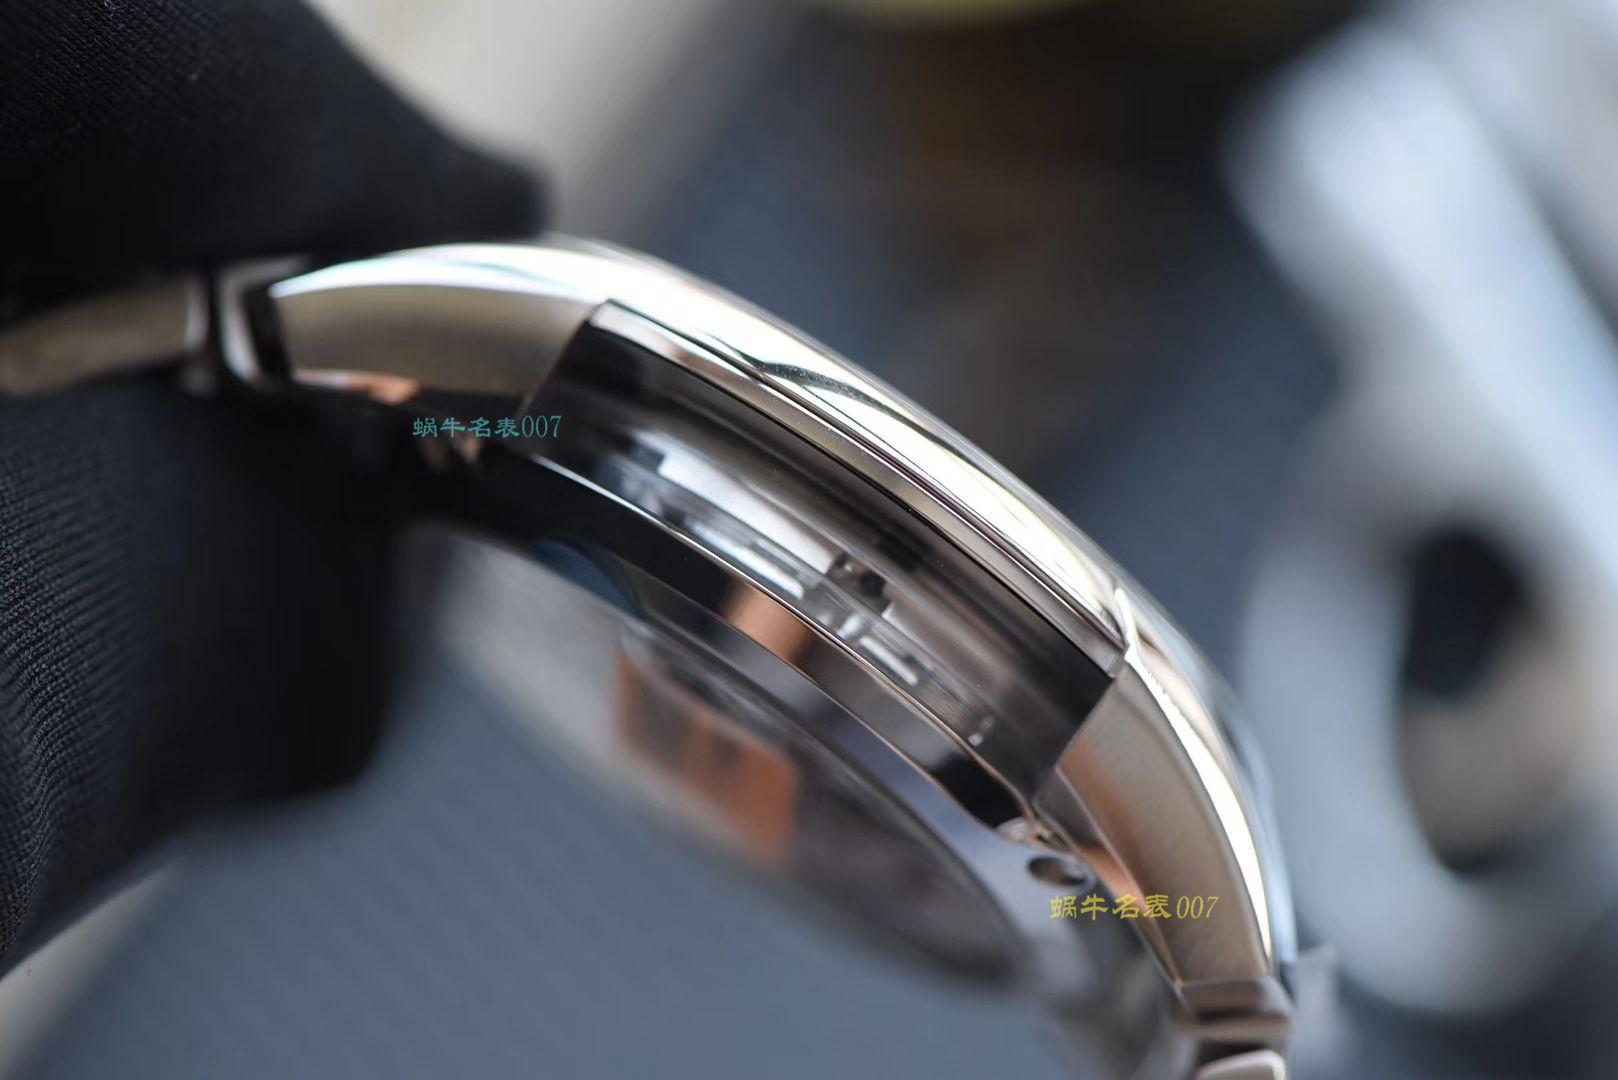 (视频评测)欧米茄碟飞系列431.30.41.21.01.001腕表【VS厂蝶飞侧透经典款黑面】 / M370